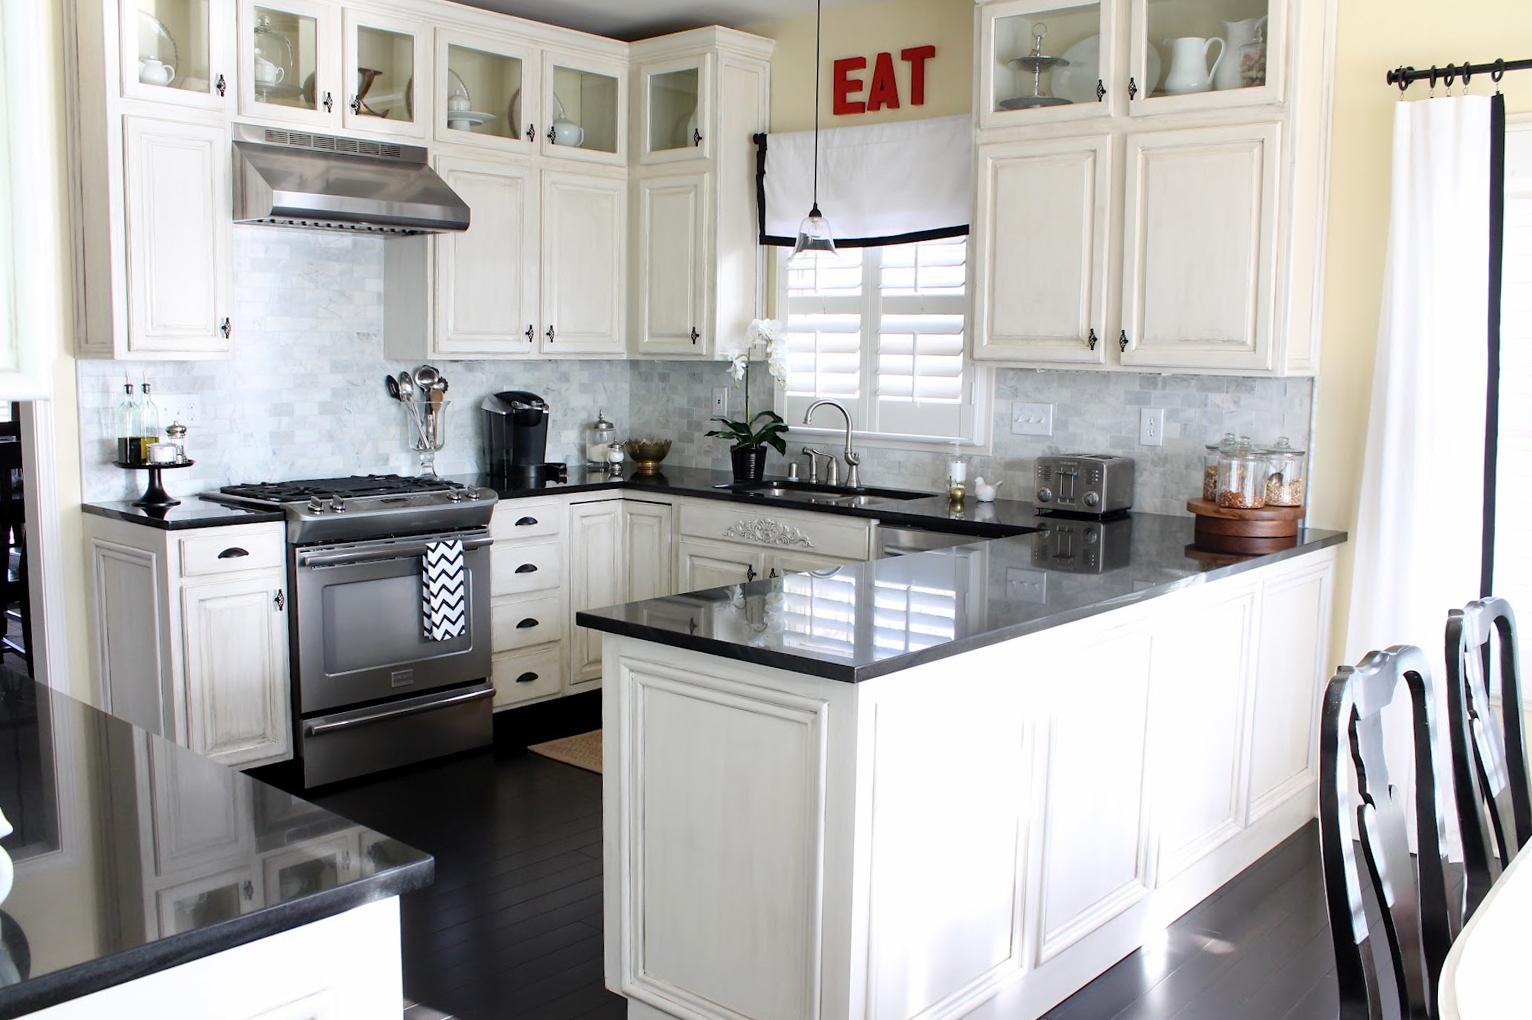 مطبخ داخلي أبيض وأسود البلاط الأسود في المطبخ الداخلية المتناقضة